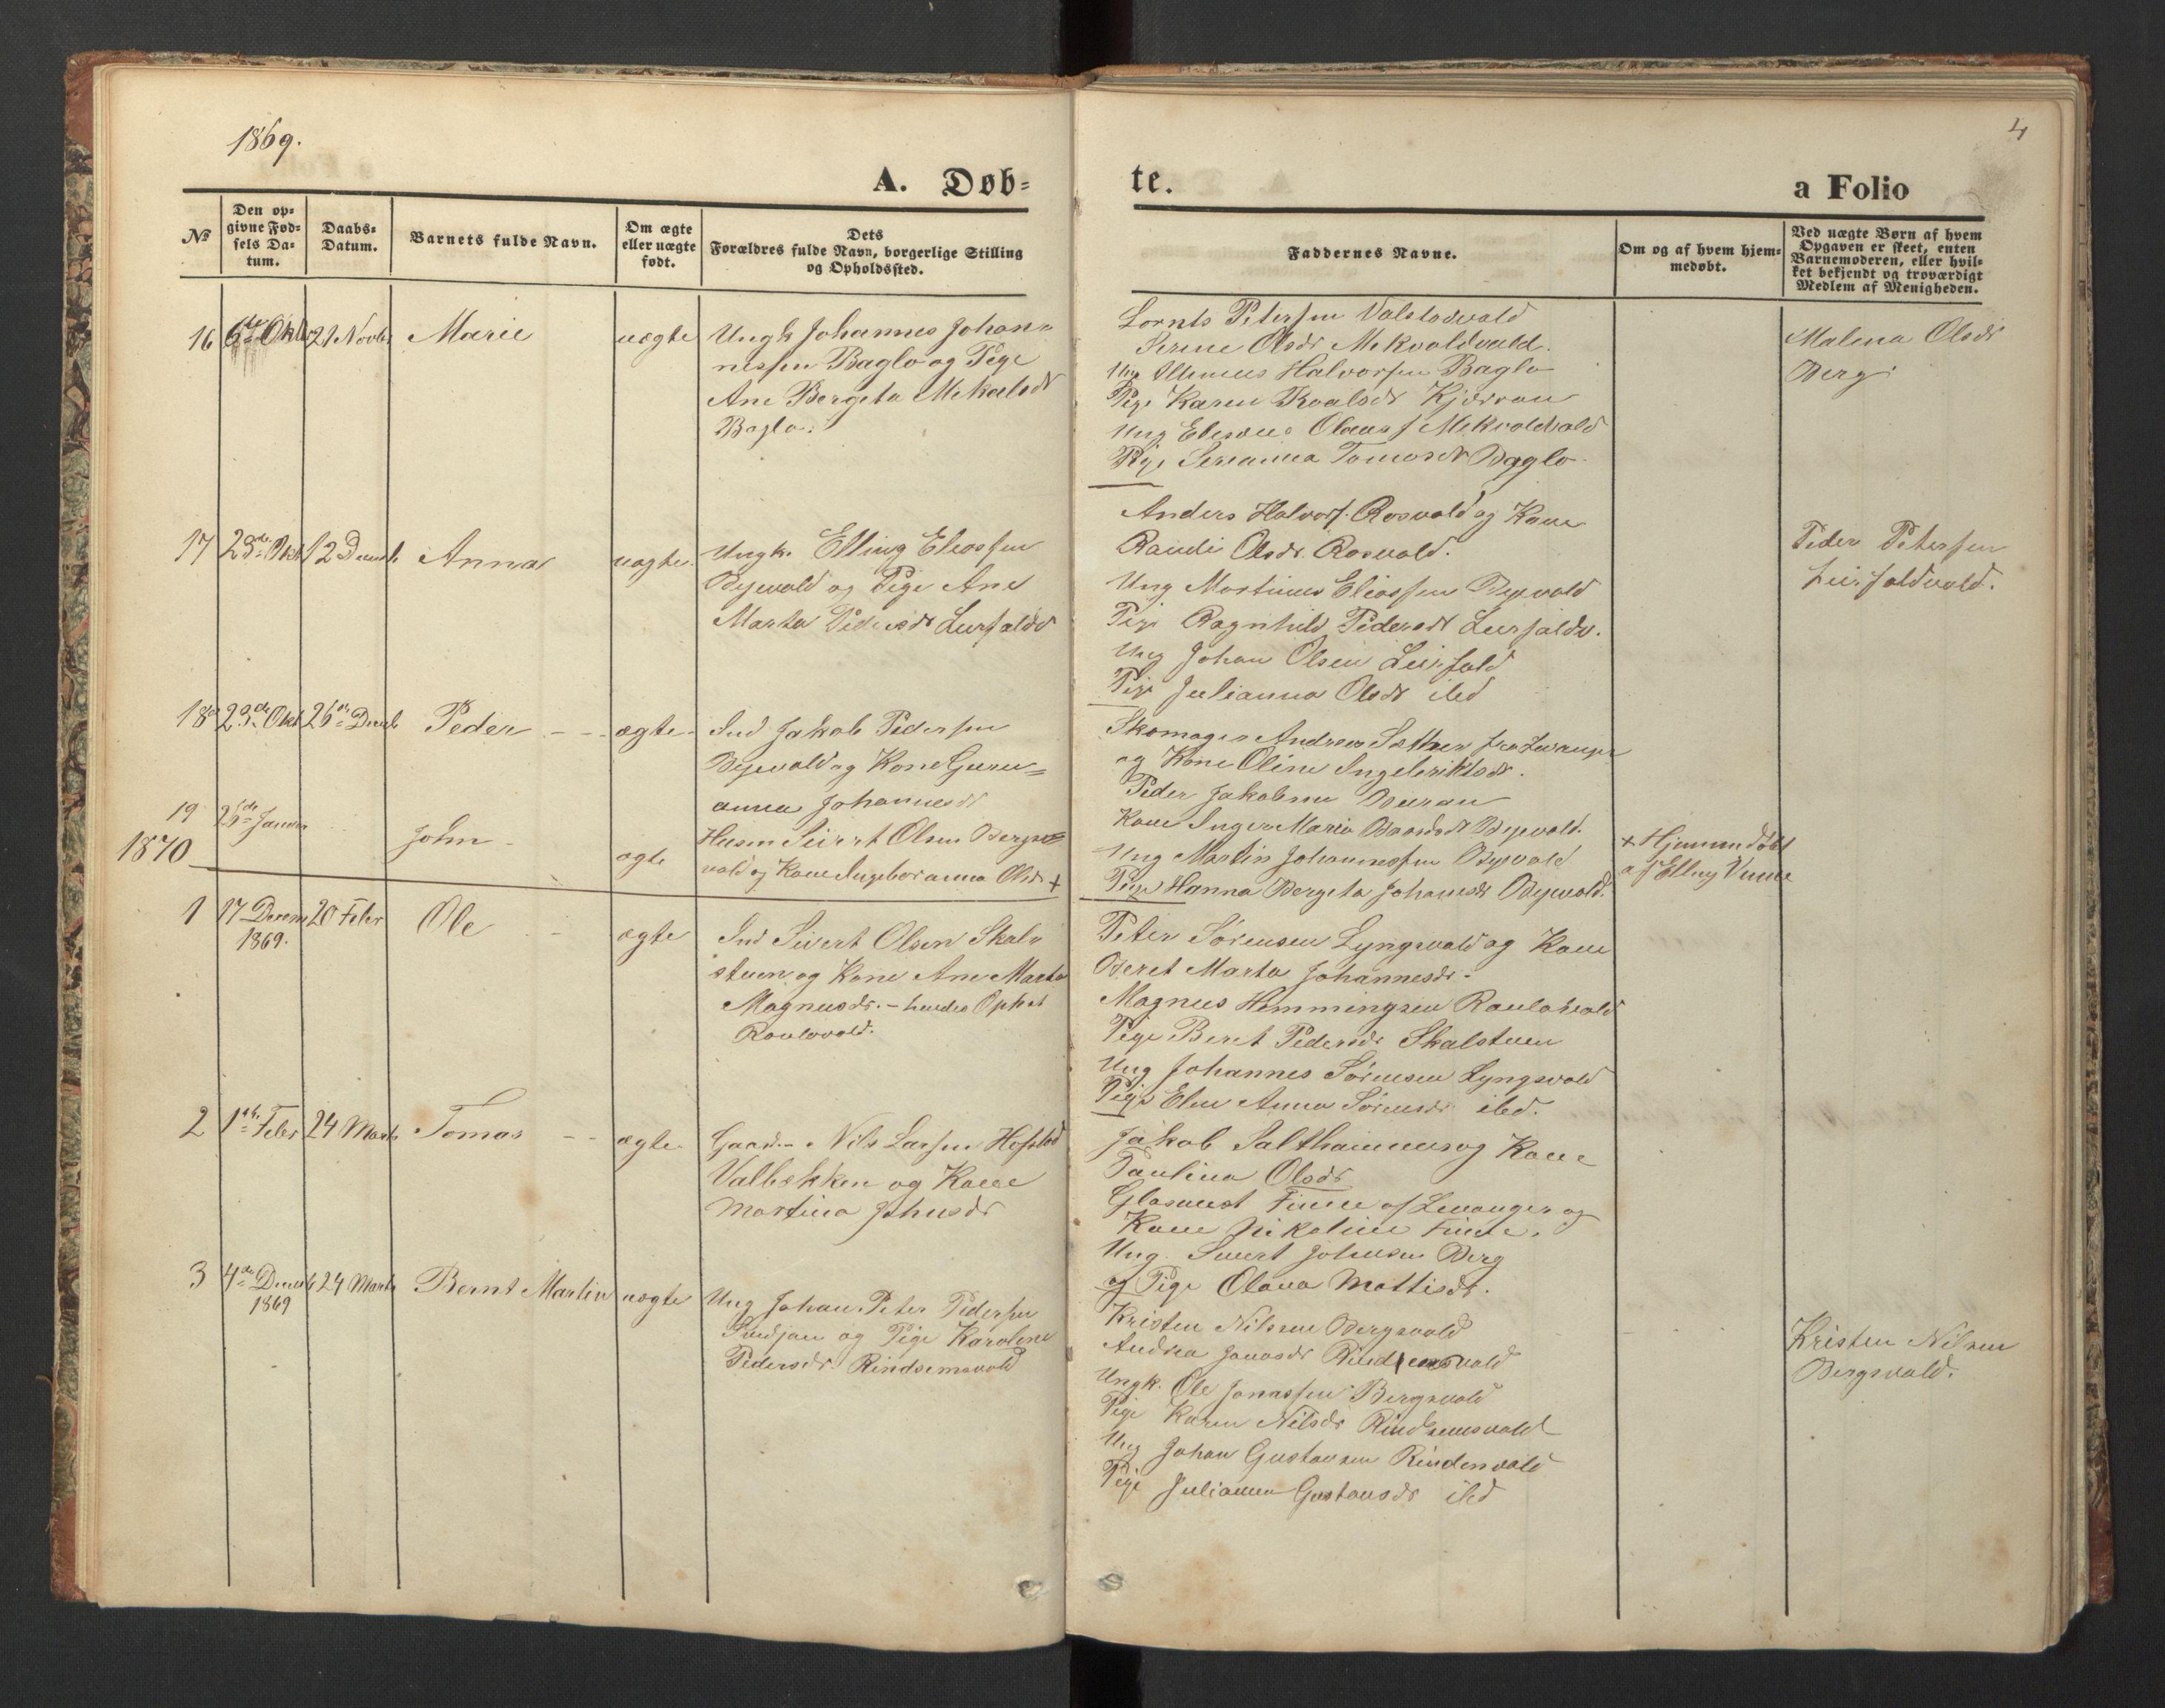 SAT, Ministerialprotokoller, klokkerbøker og fødselsregistre - Nord-Trøndelag, 726/L0271: Klokkerbok nr. 726C02, 1869-1897, s. 4